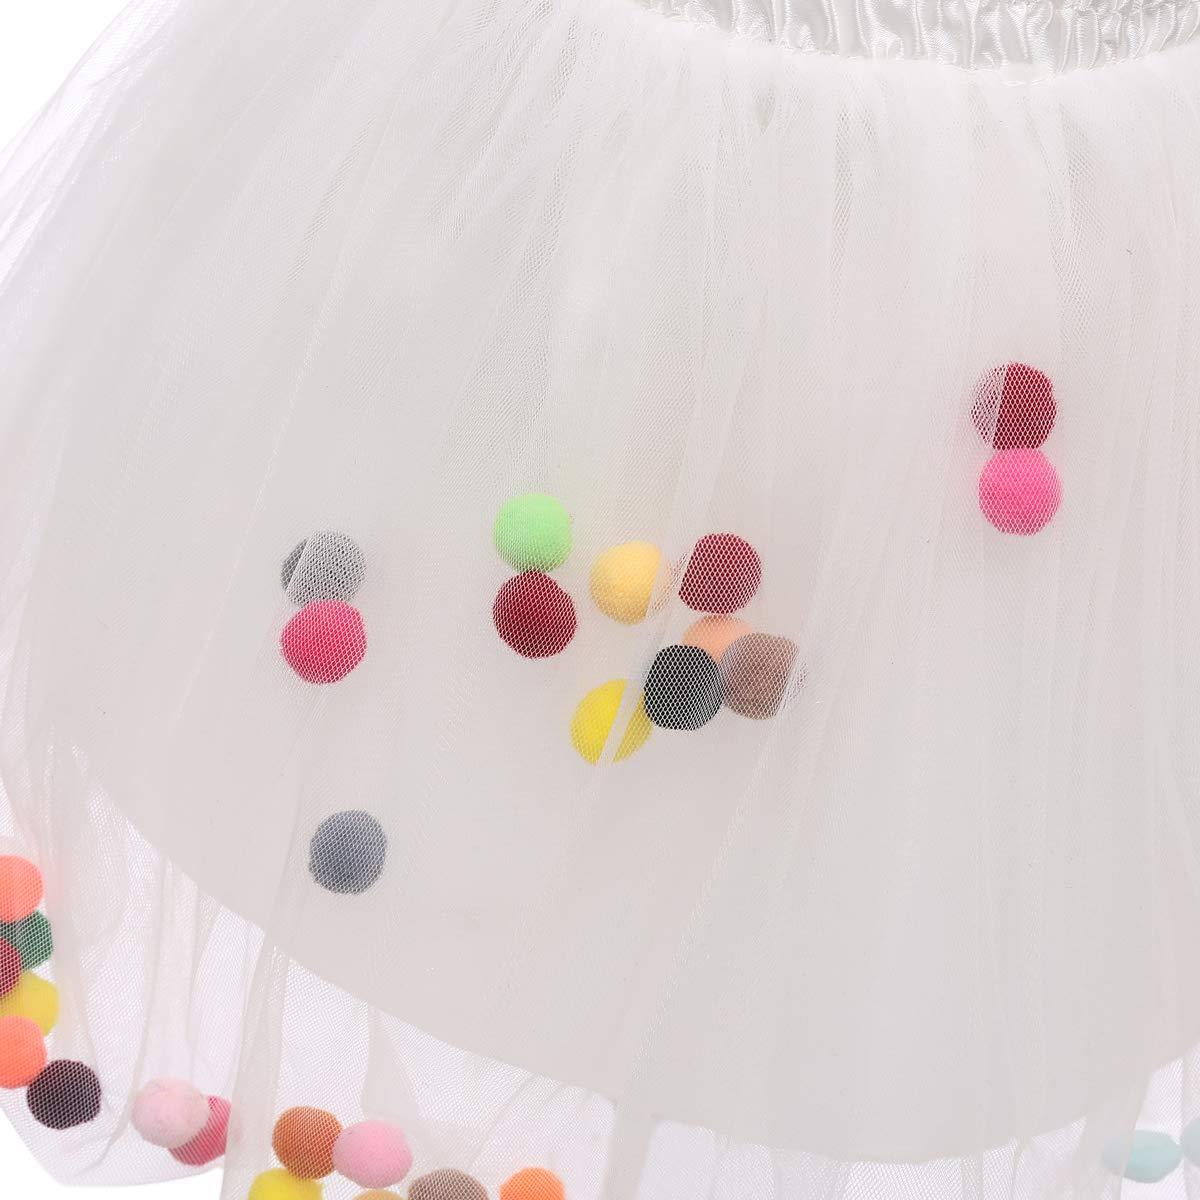 Baby Girls Tutu Skirt Kids Toddlers Ballet Tulle Dance Skirt